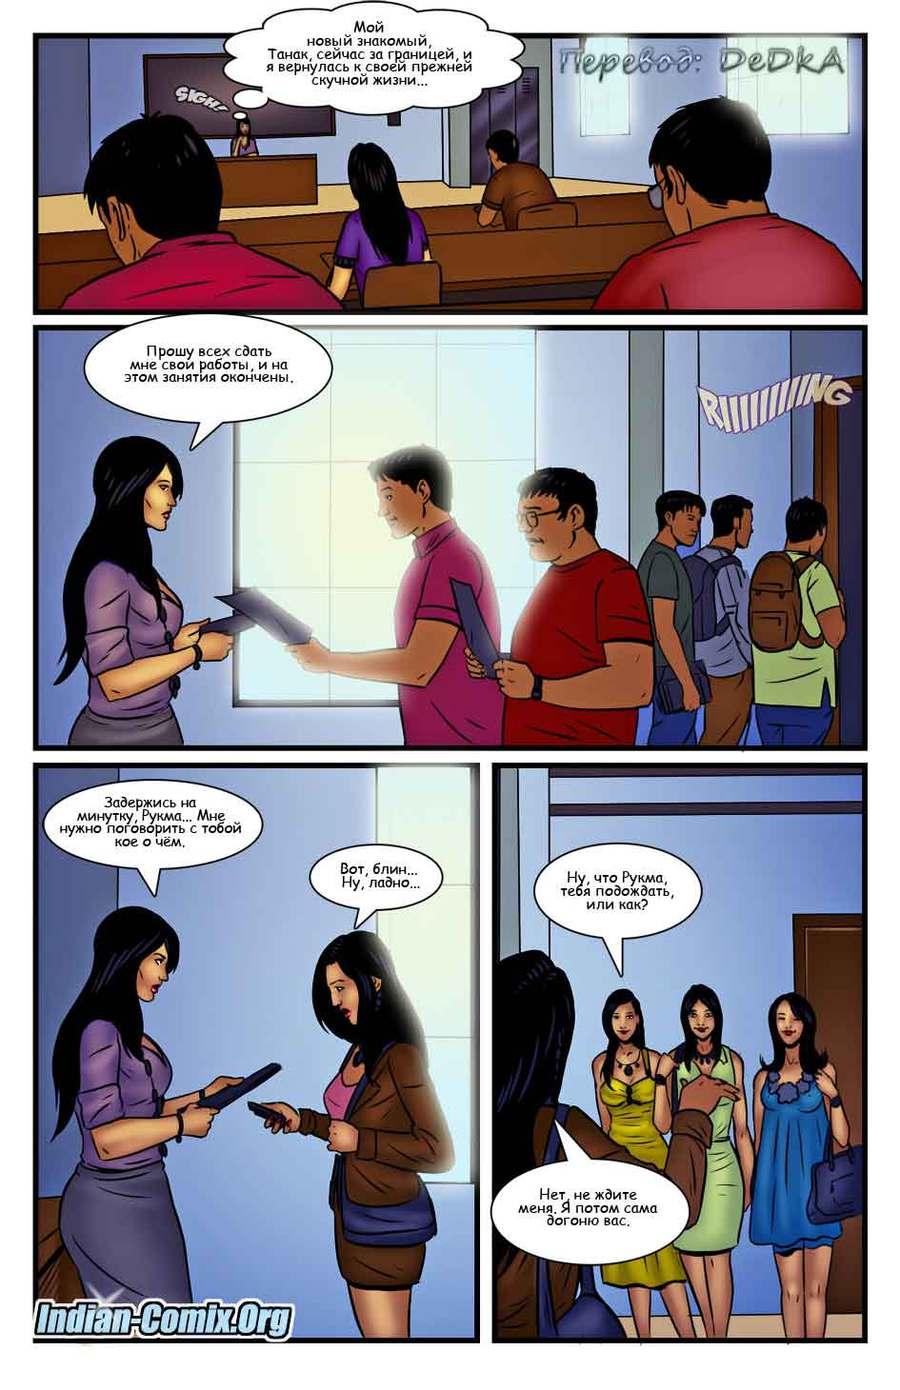 indian-comix.org__mr17_ru_001